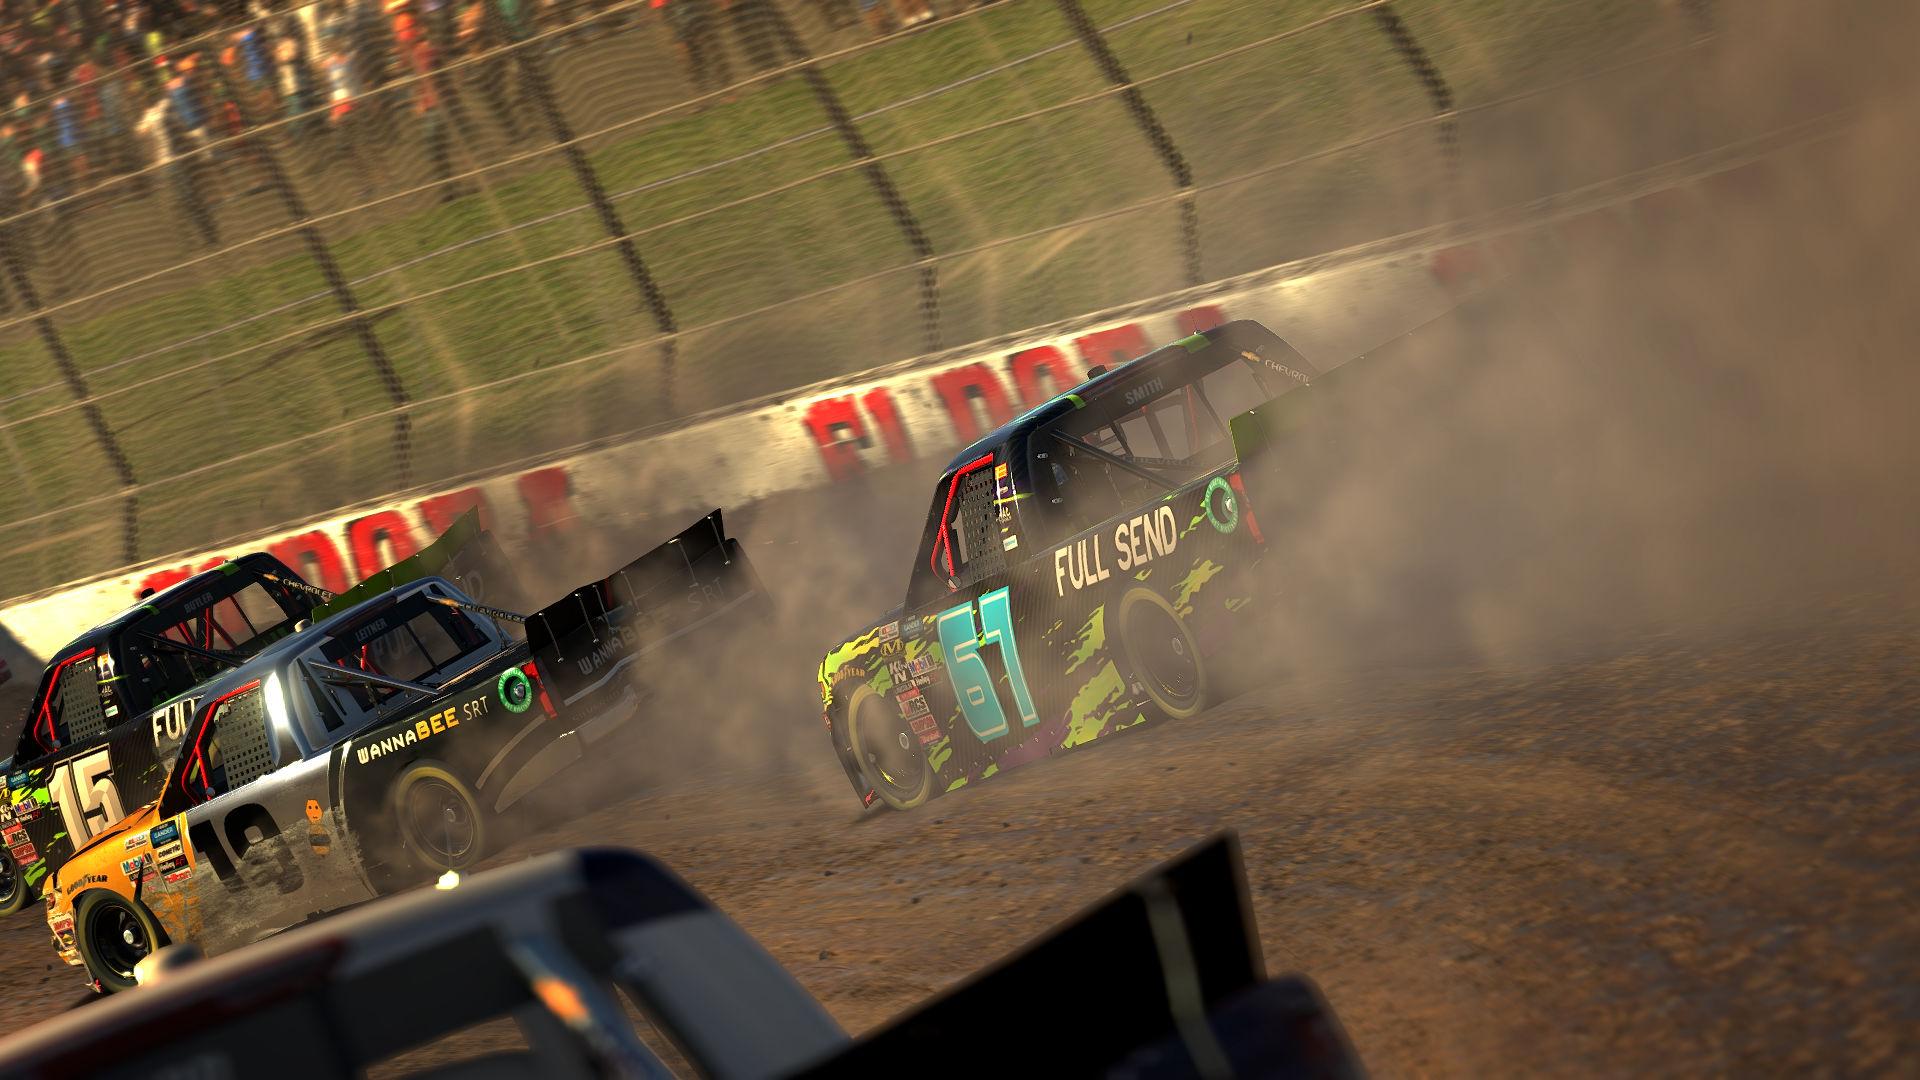 iRacing | Apex Racing League NASCAR Truck Series | Round 6 at Eldora